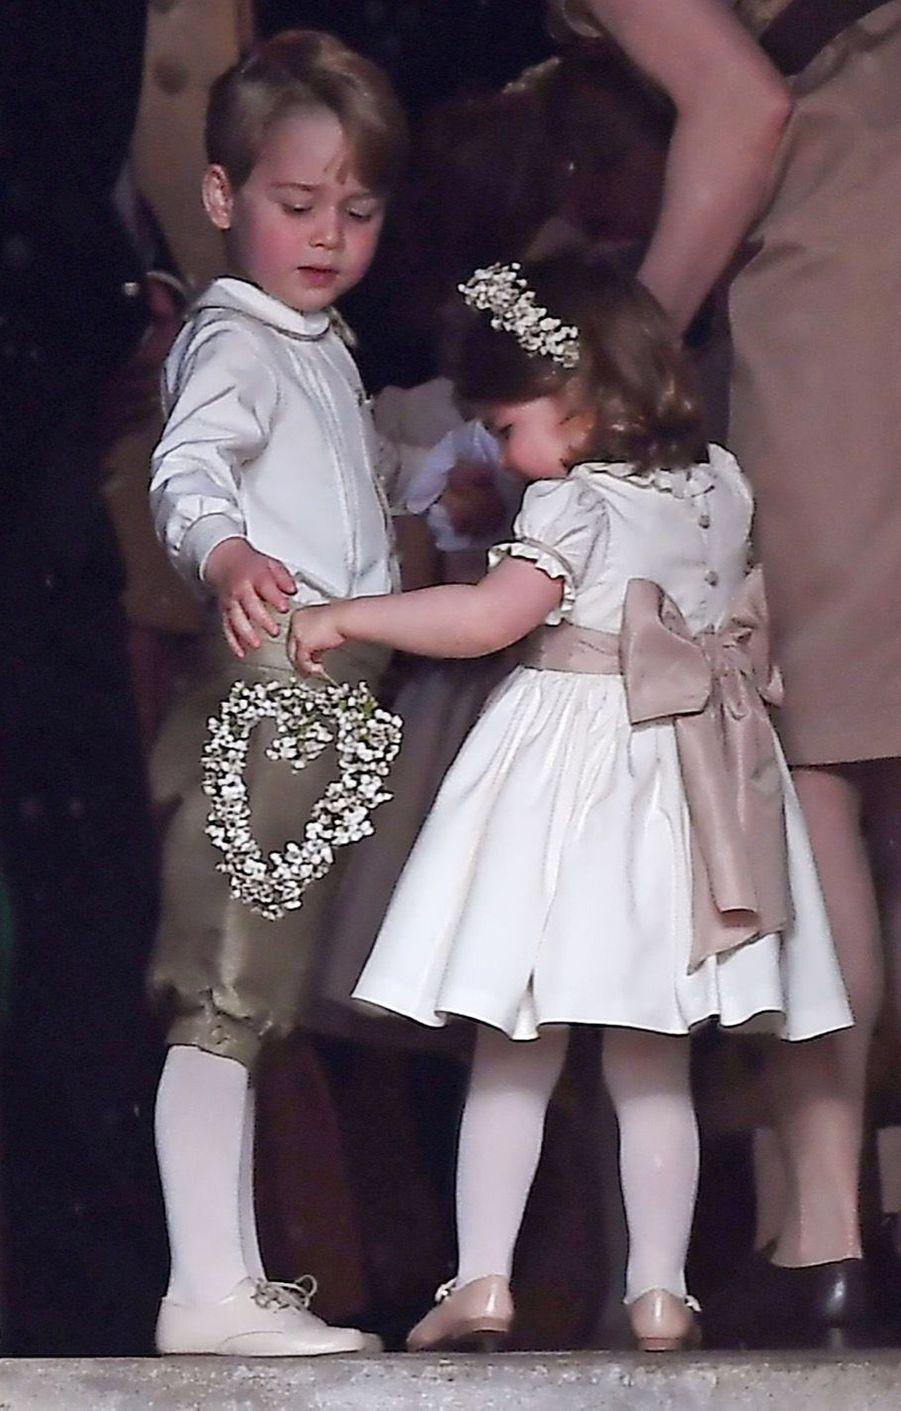 Le Prince George Et La Princesse Charlotte Regardent Leur Tante Pippa Middleton Arriver Pour Son Mariage 2